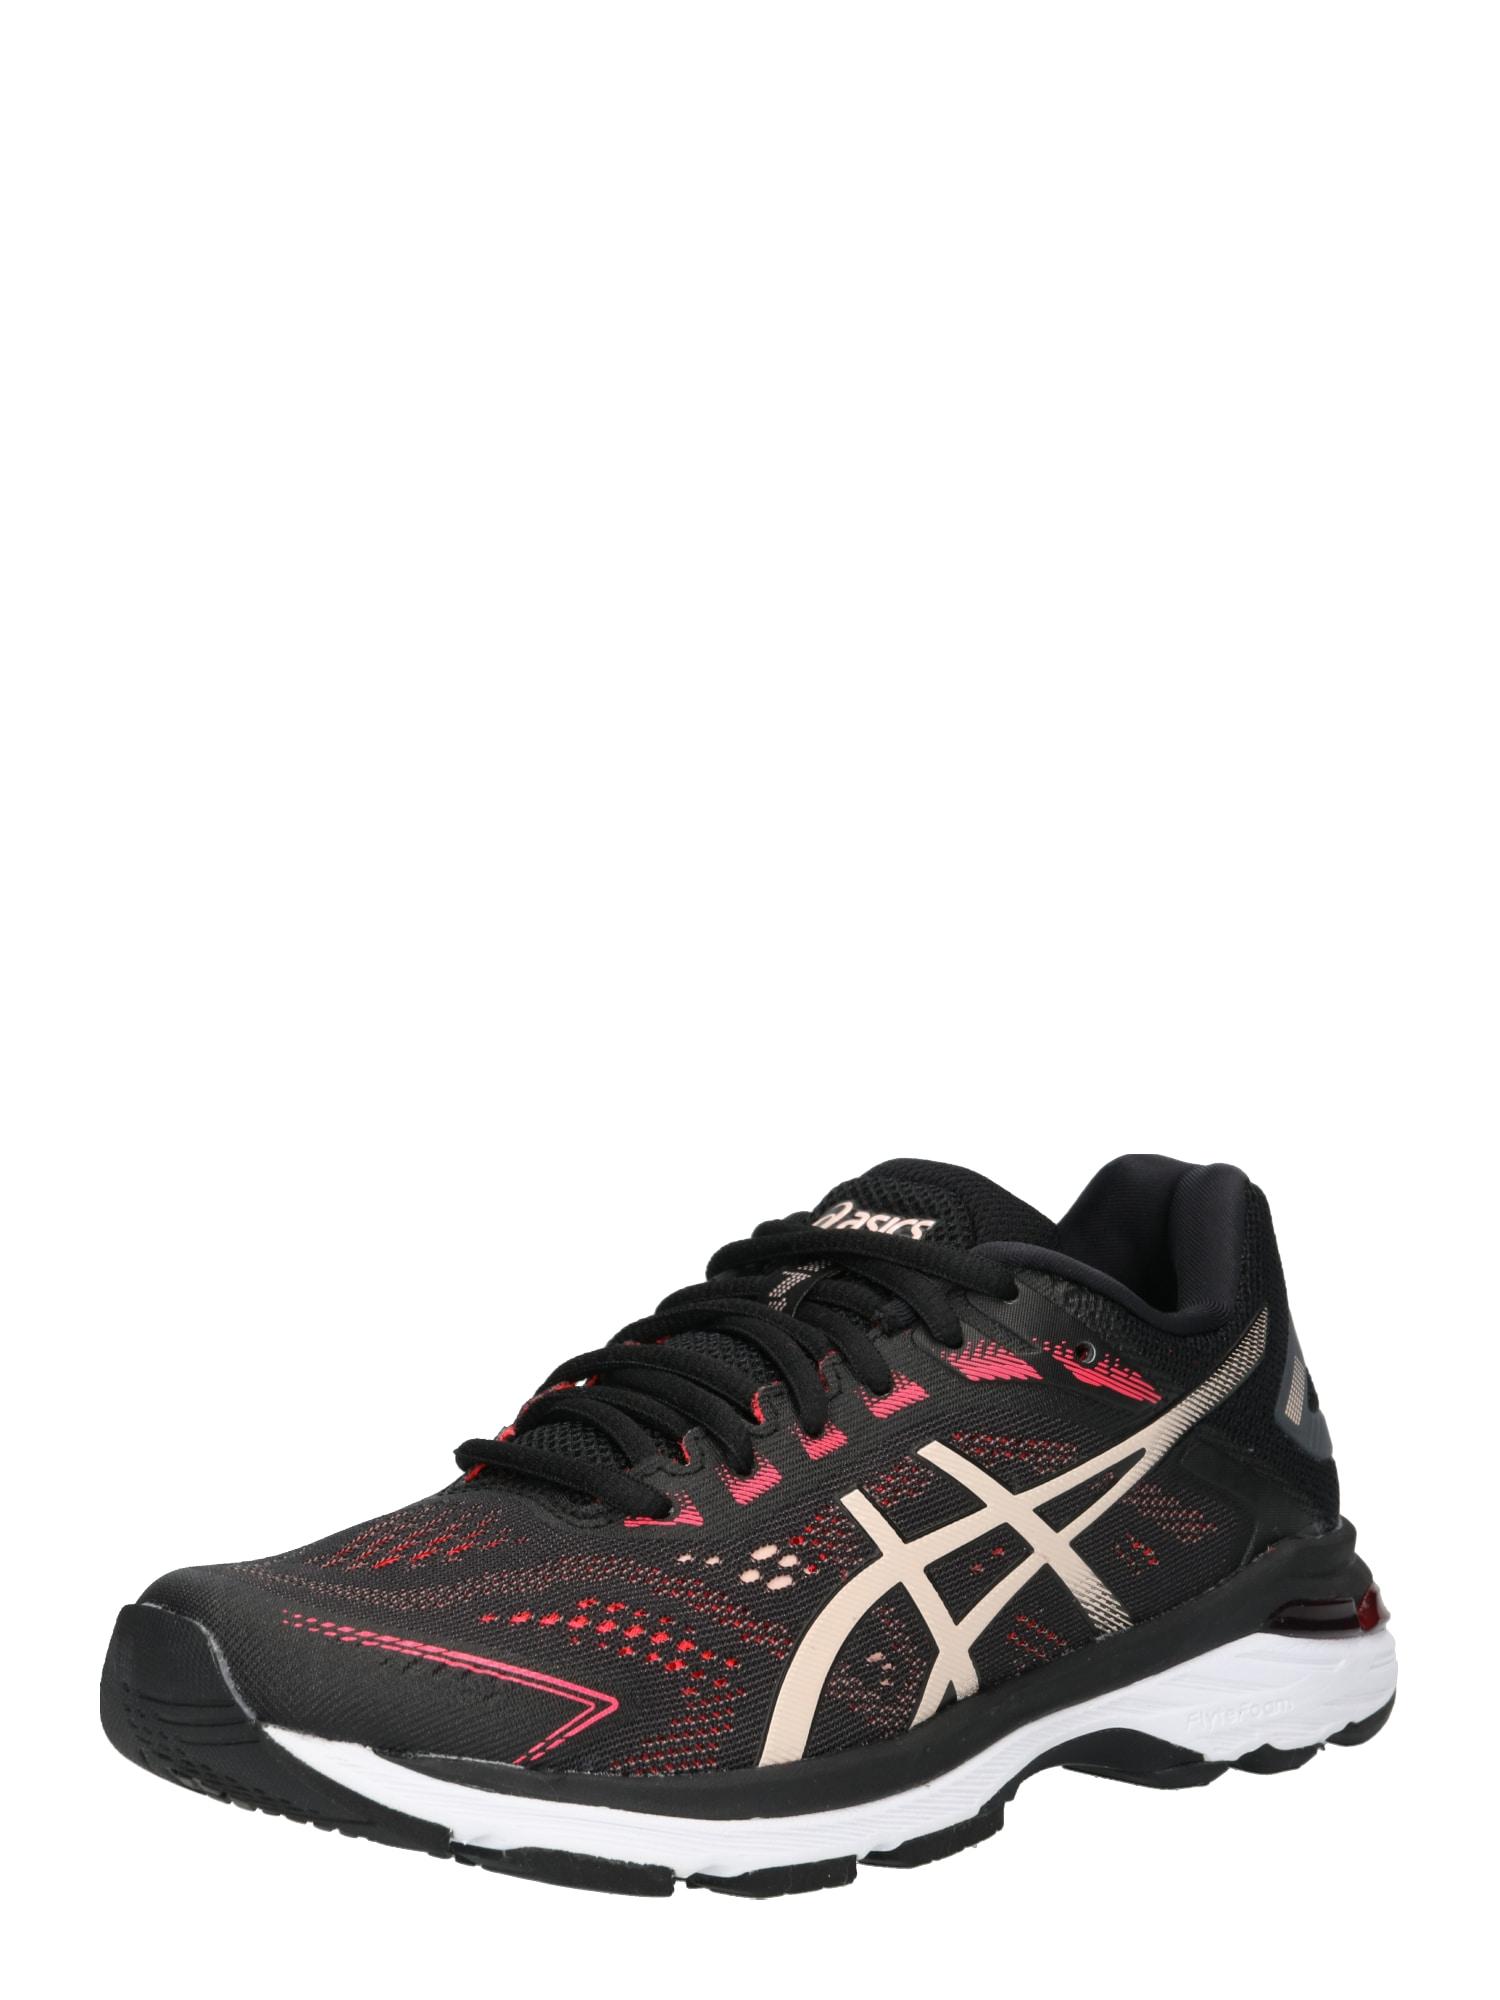 Běžecká obuv GT-2000 7 růžová černá ASICS